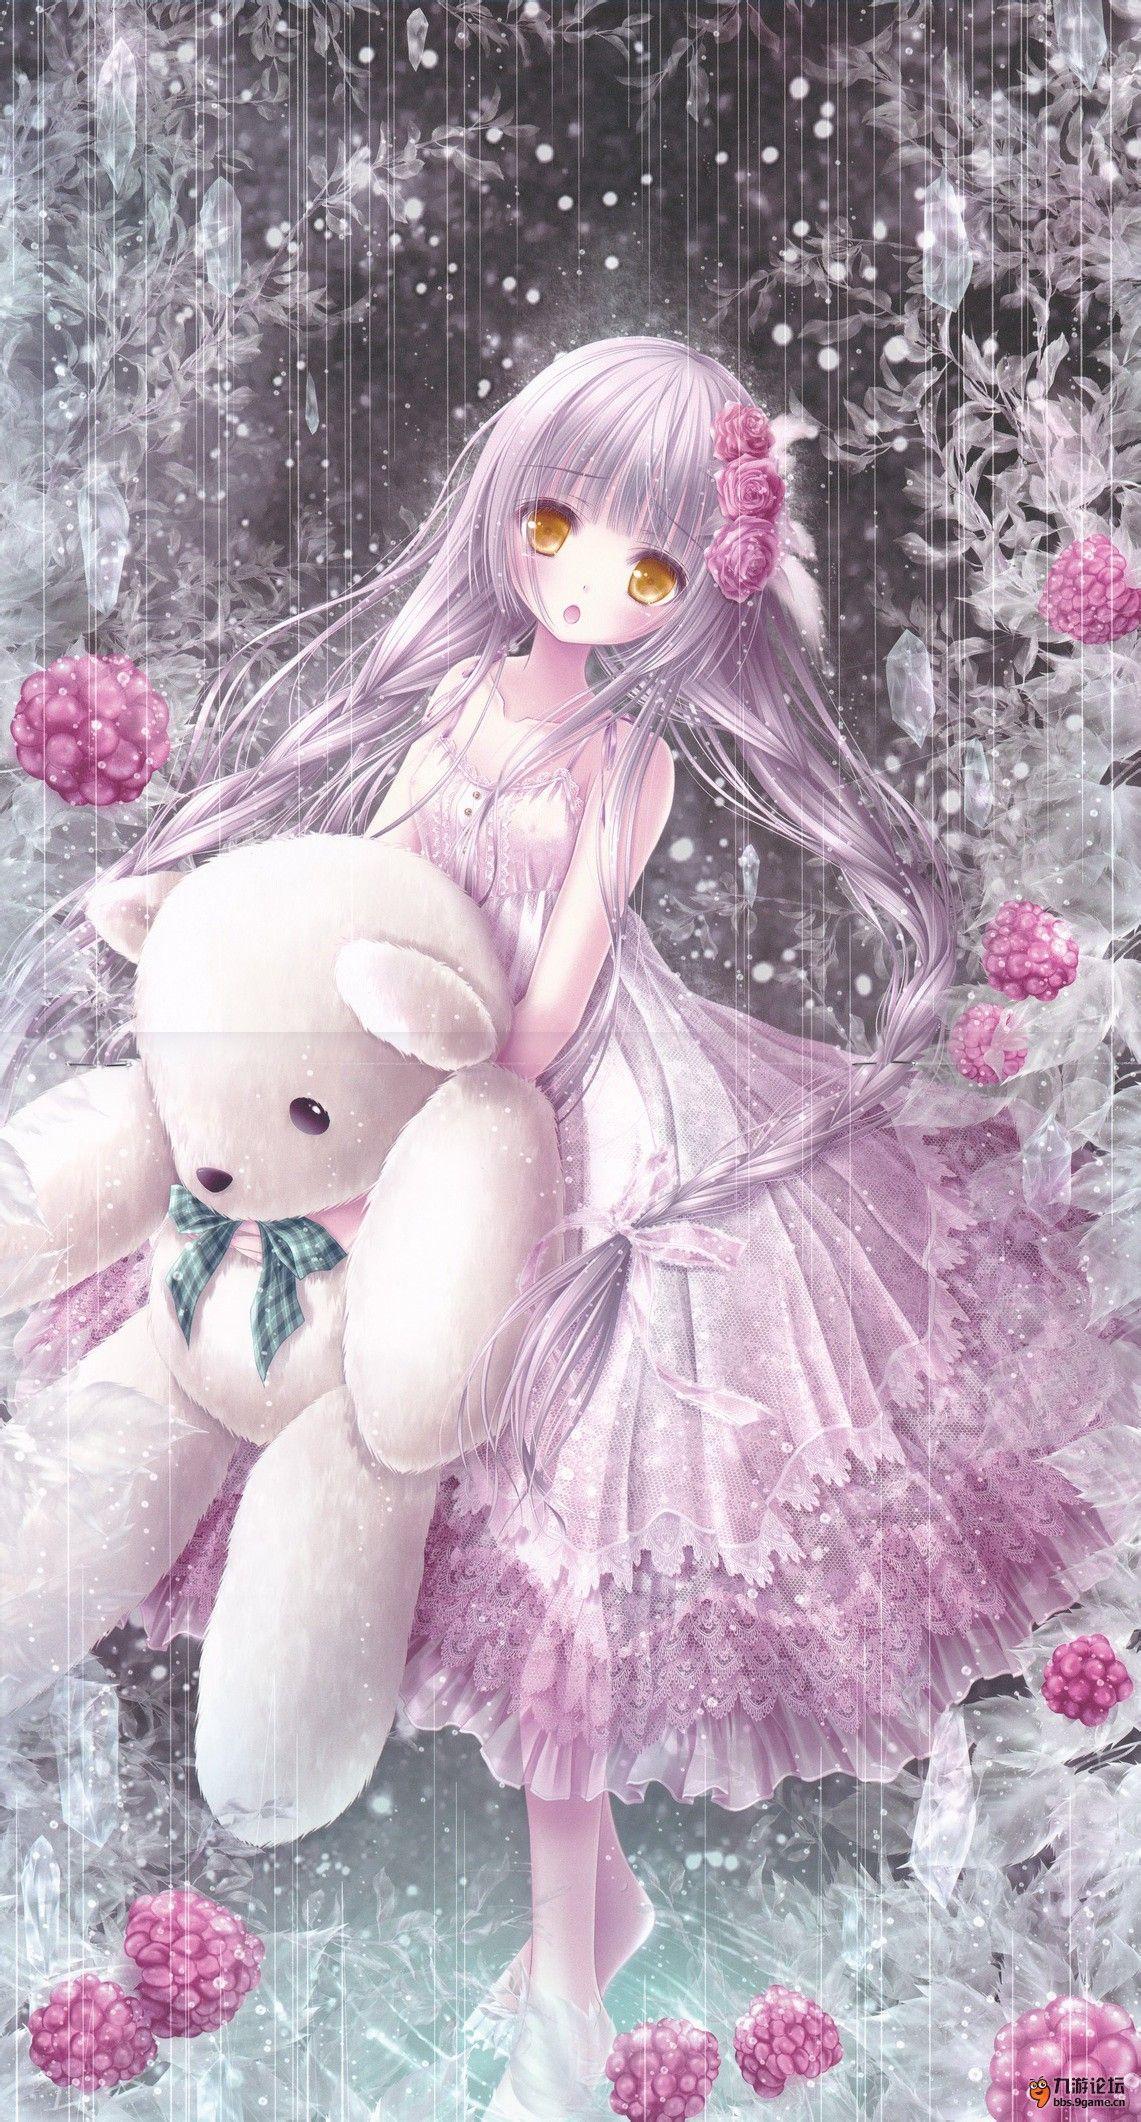 求这幅动漫紫发金瞳少女的高清大图